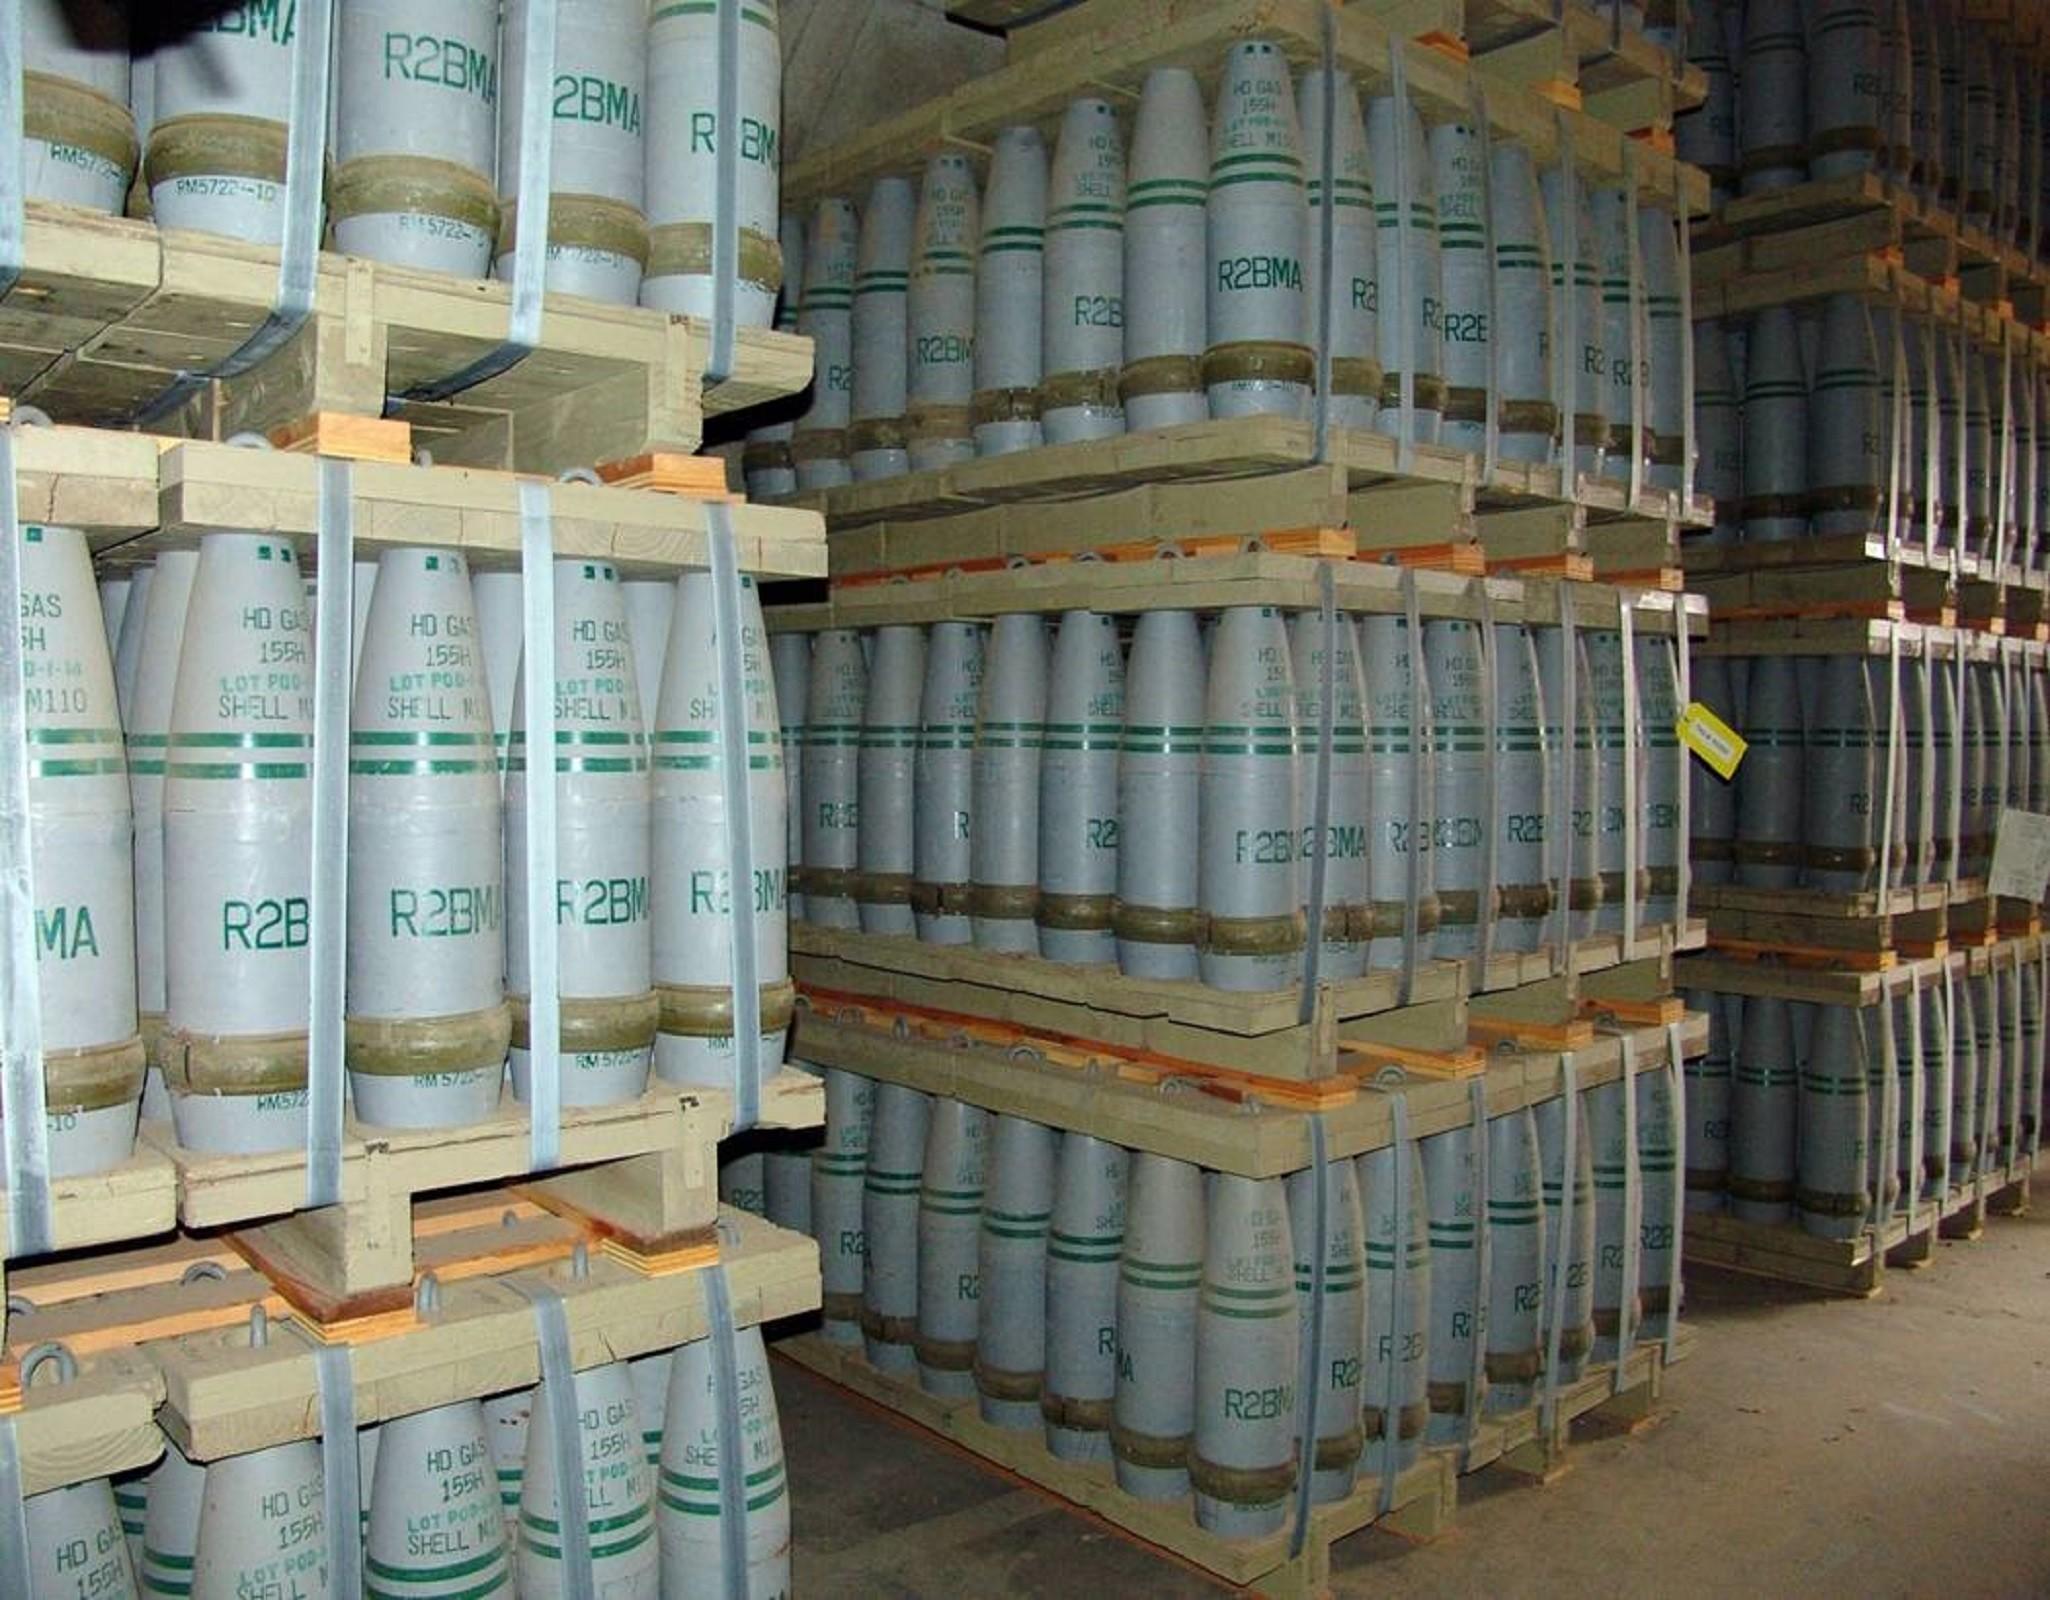 Danimarka hükümeti Libya'daki kimyasal silah stokları taşımak için önerge sunacak